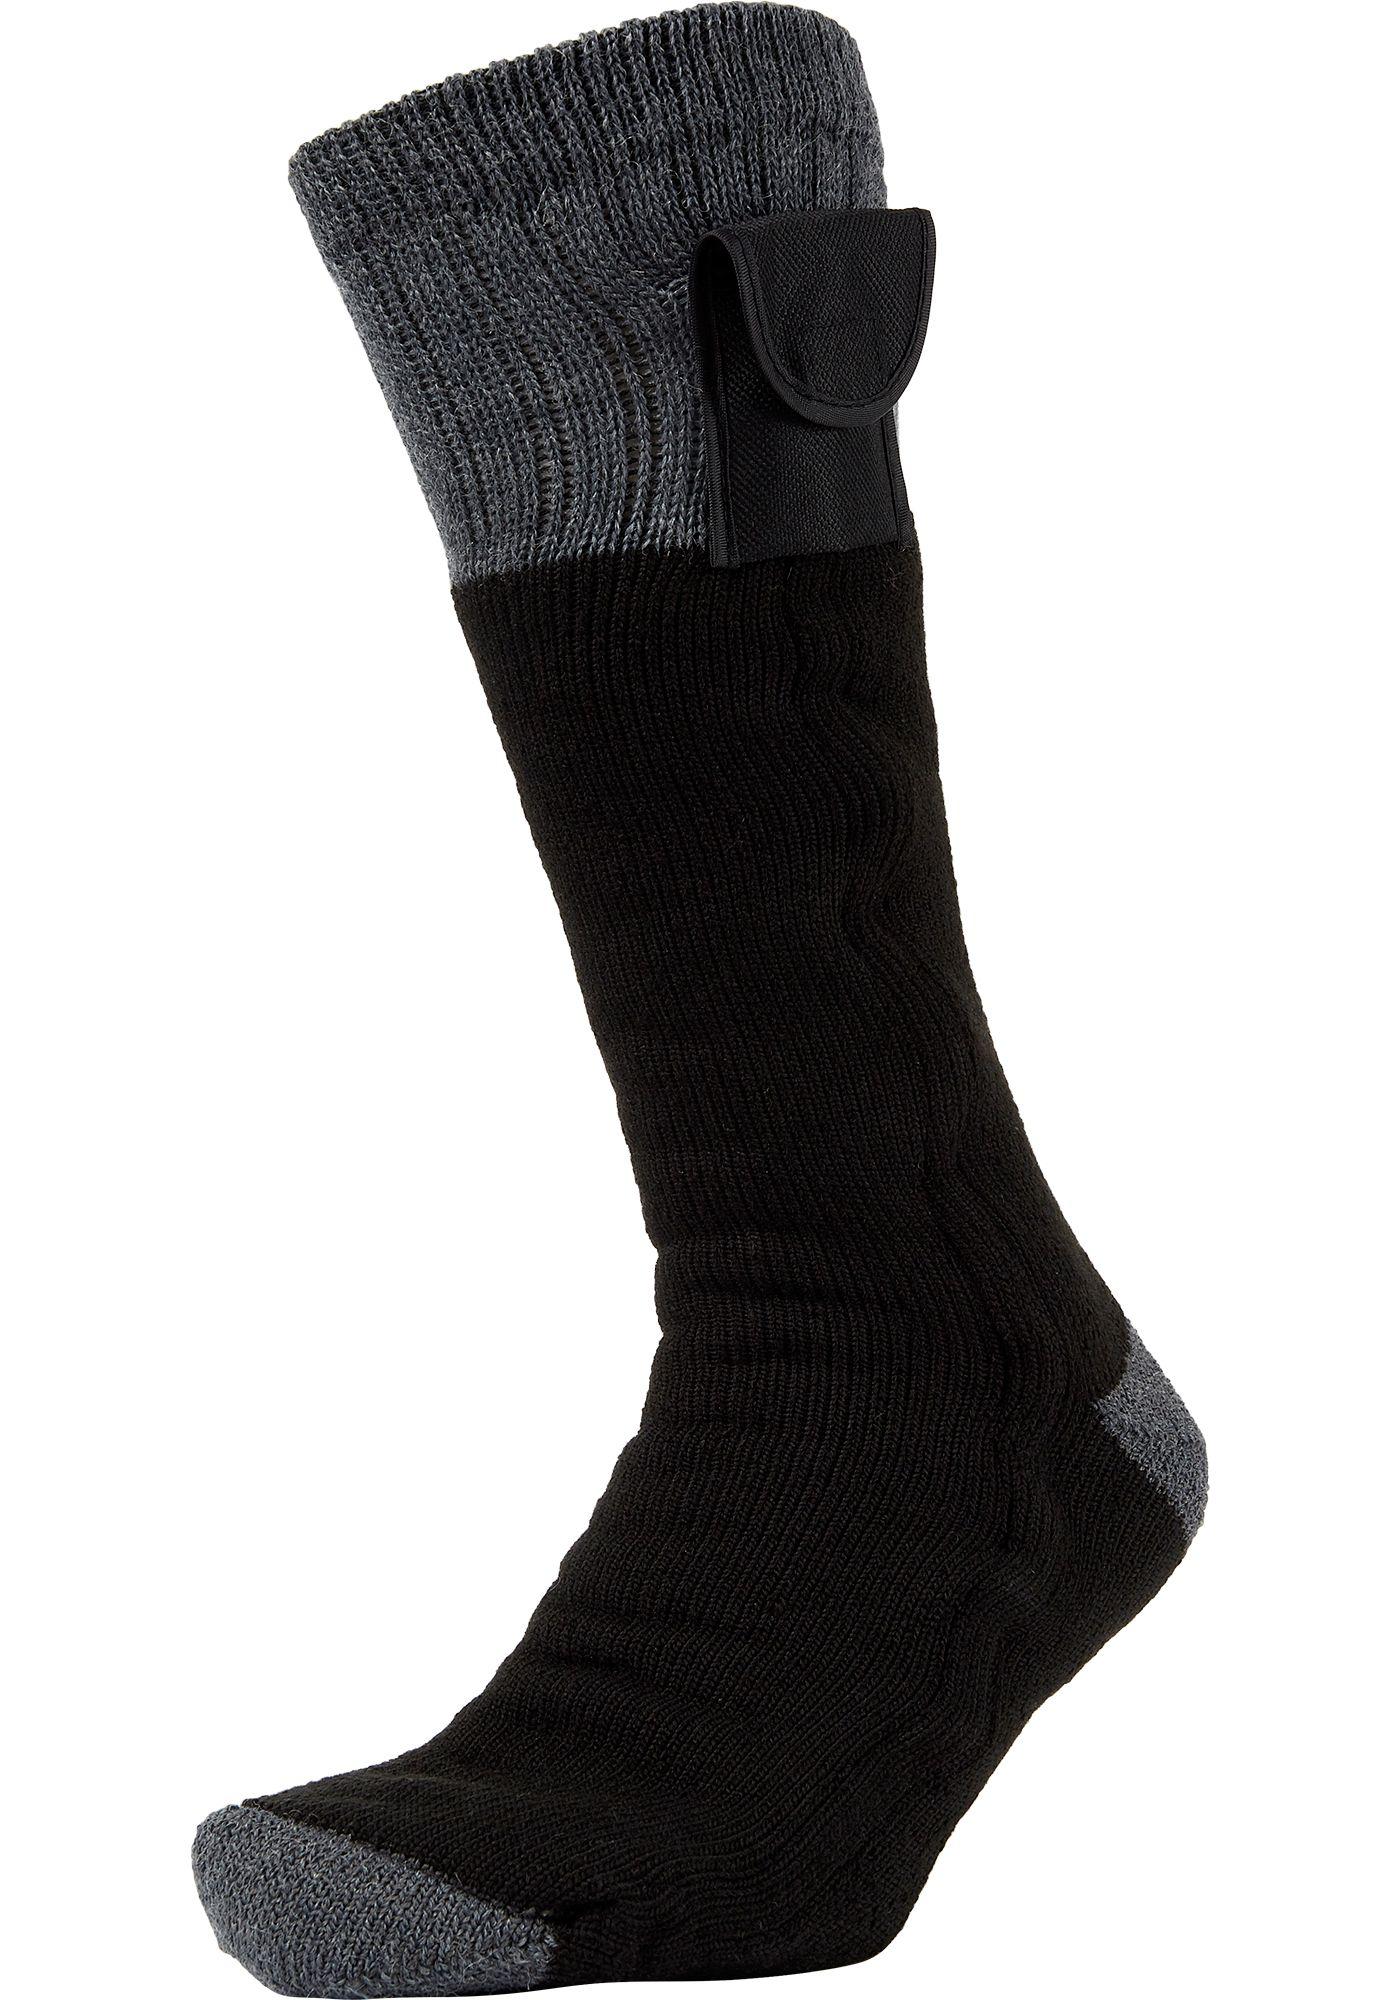 Field & Stream Men's Heavyweight Battery Socks